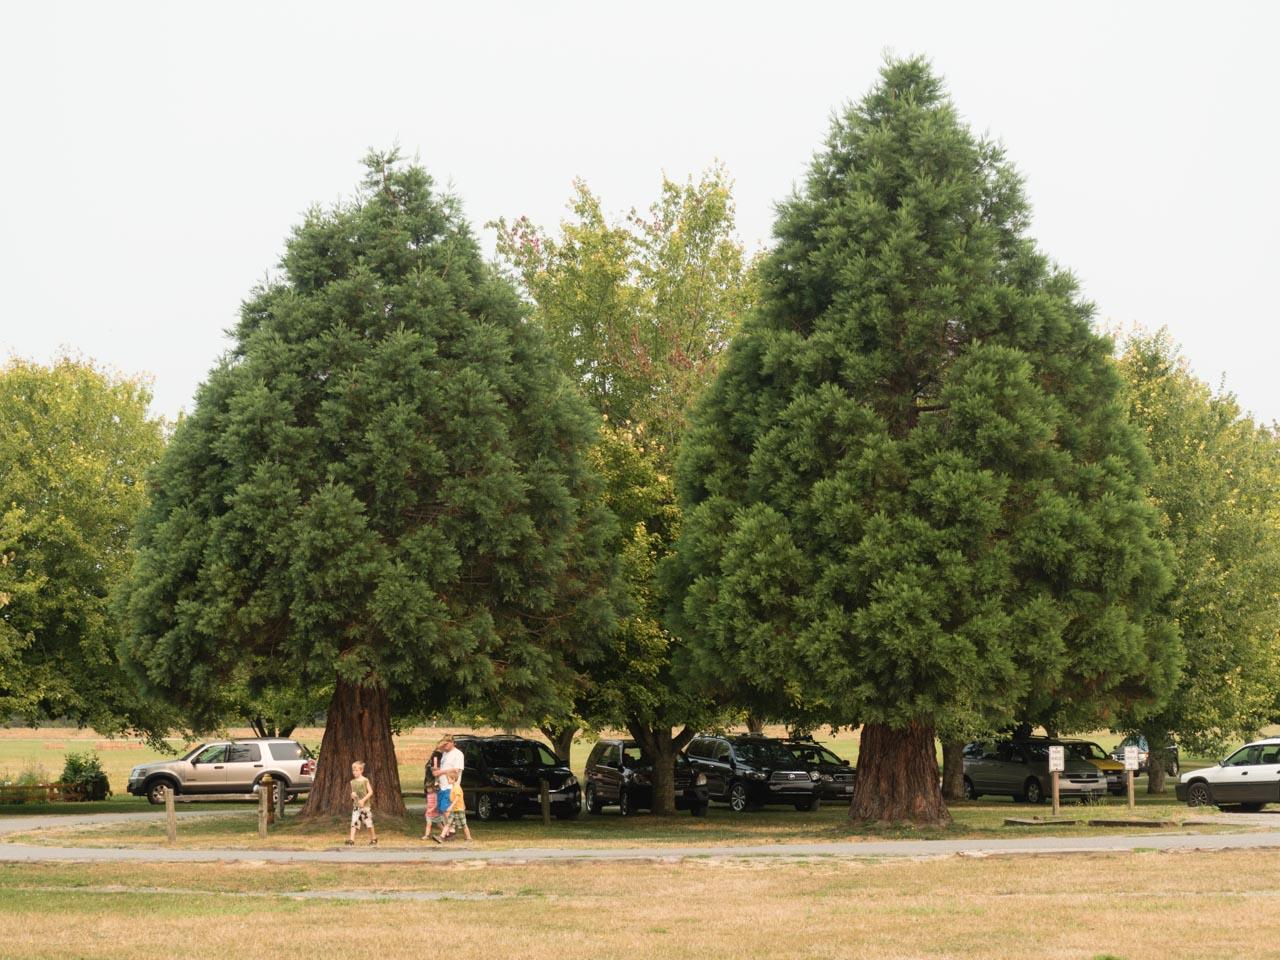 http://www.conifers.org/cu/se/26.jpg